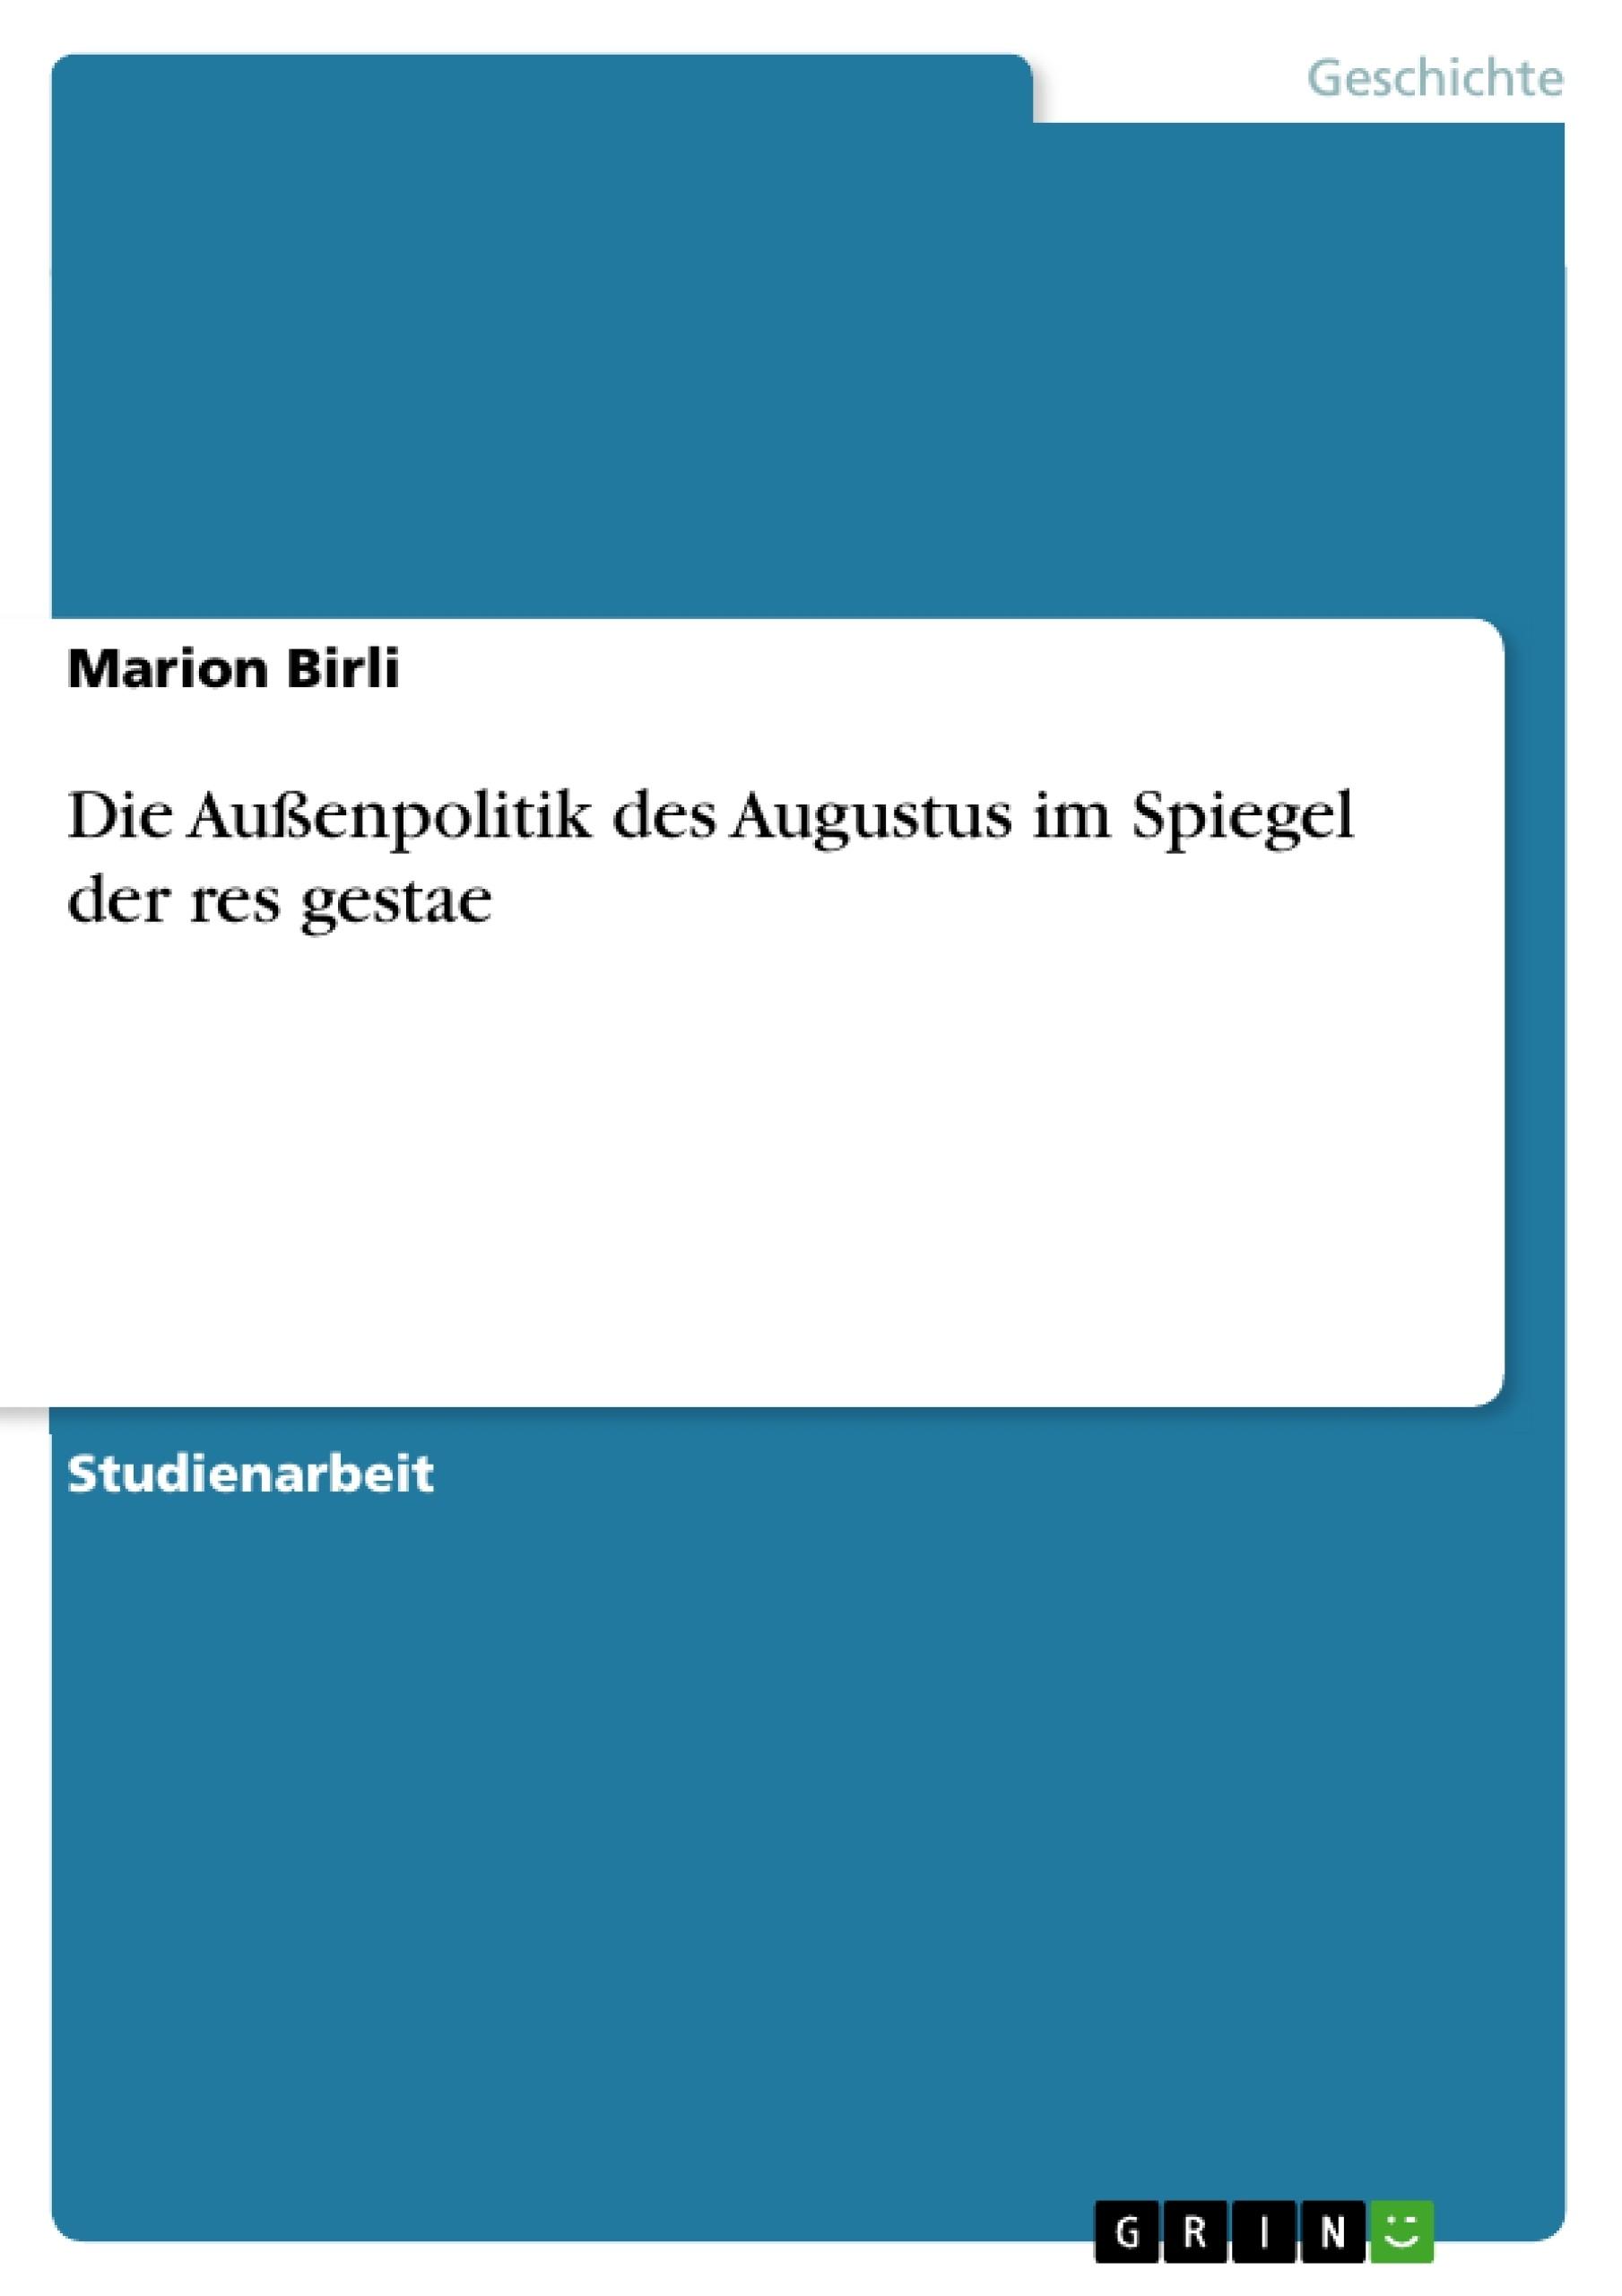 Titel: Die Außenpolitik des Augustus im Spiegel der res gestae